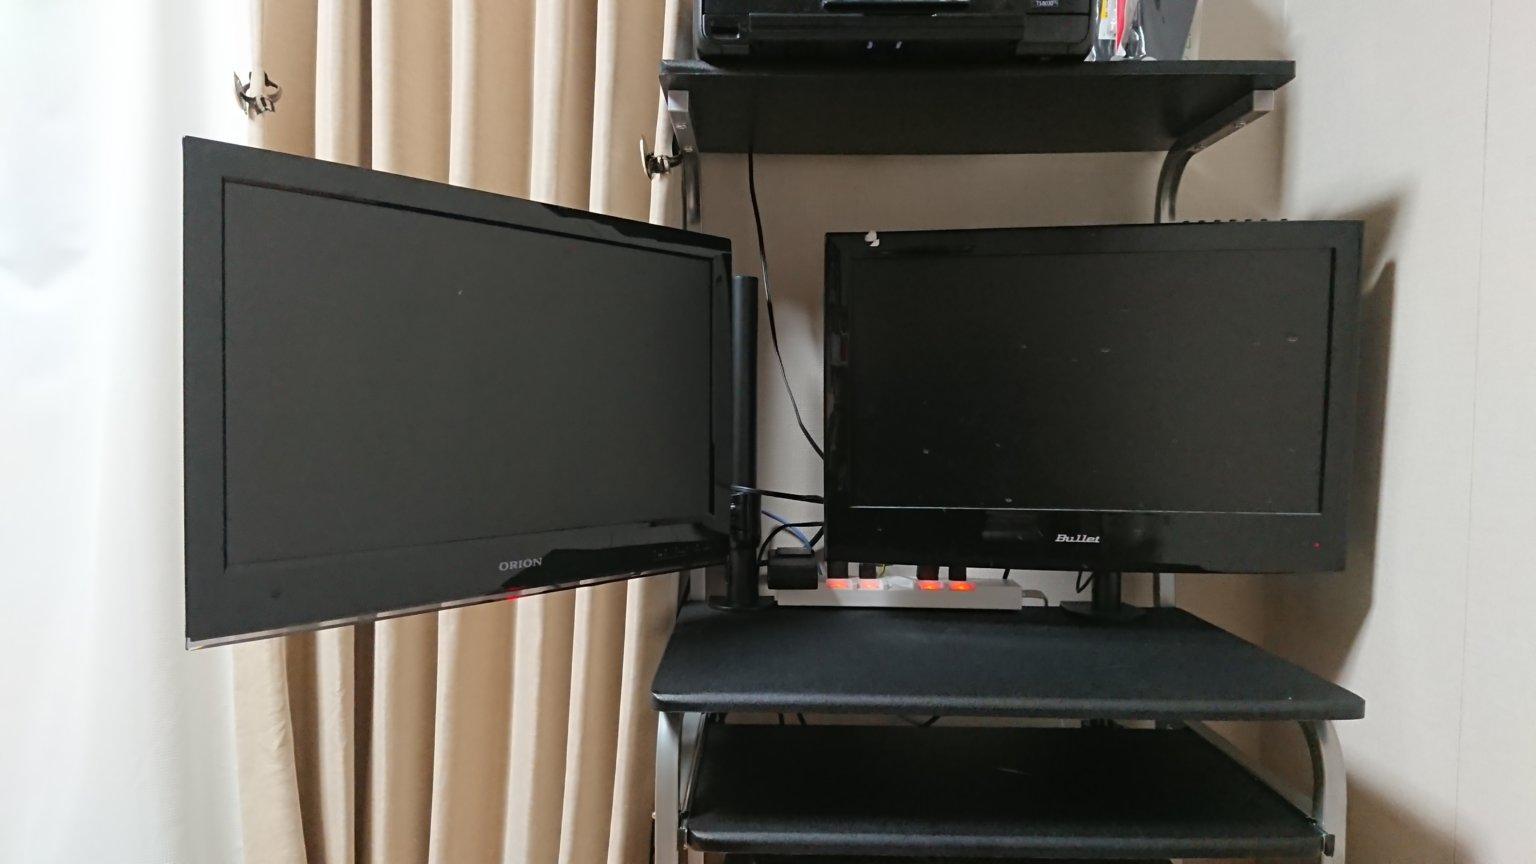 デュアルモニターで2画面が便利♪おすすめのモニターアームの組み立て♪